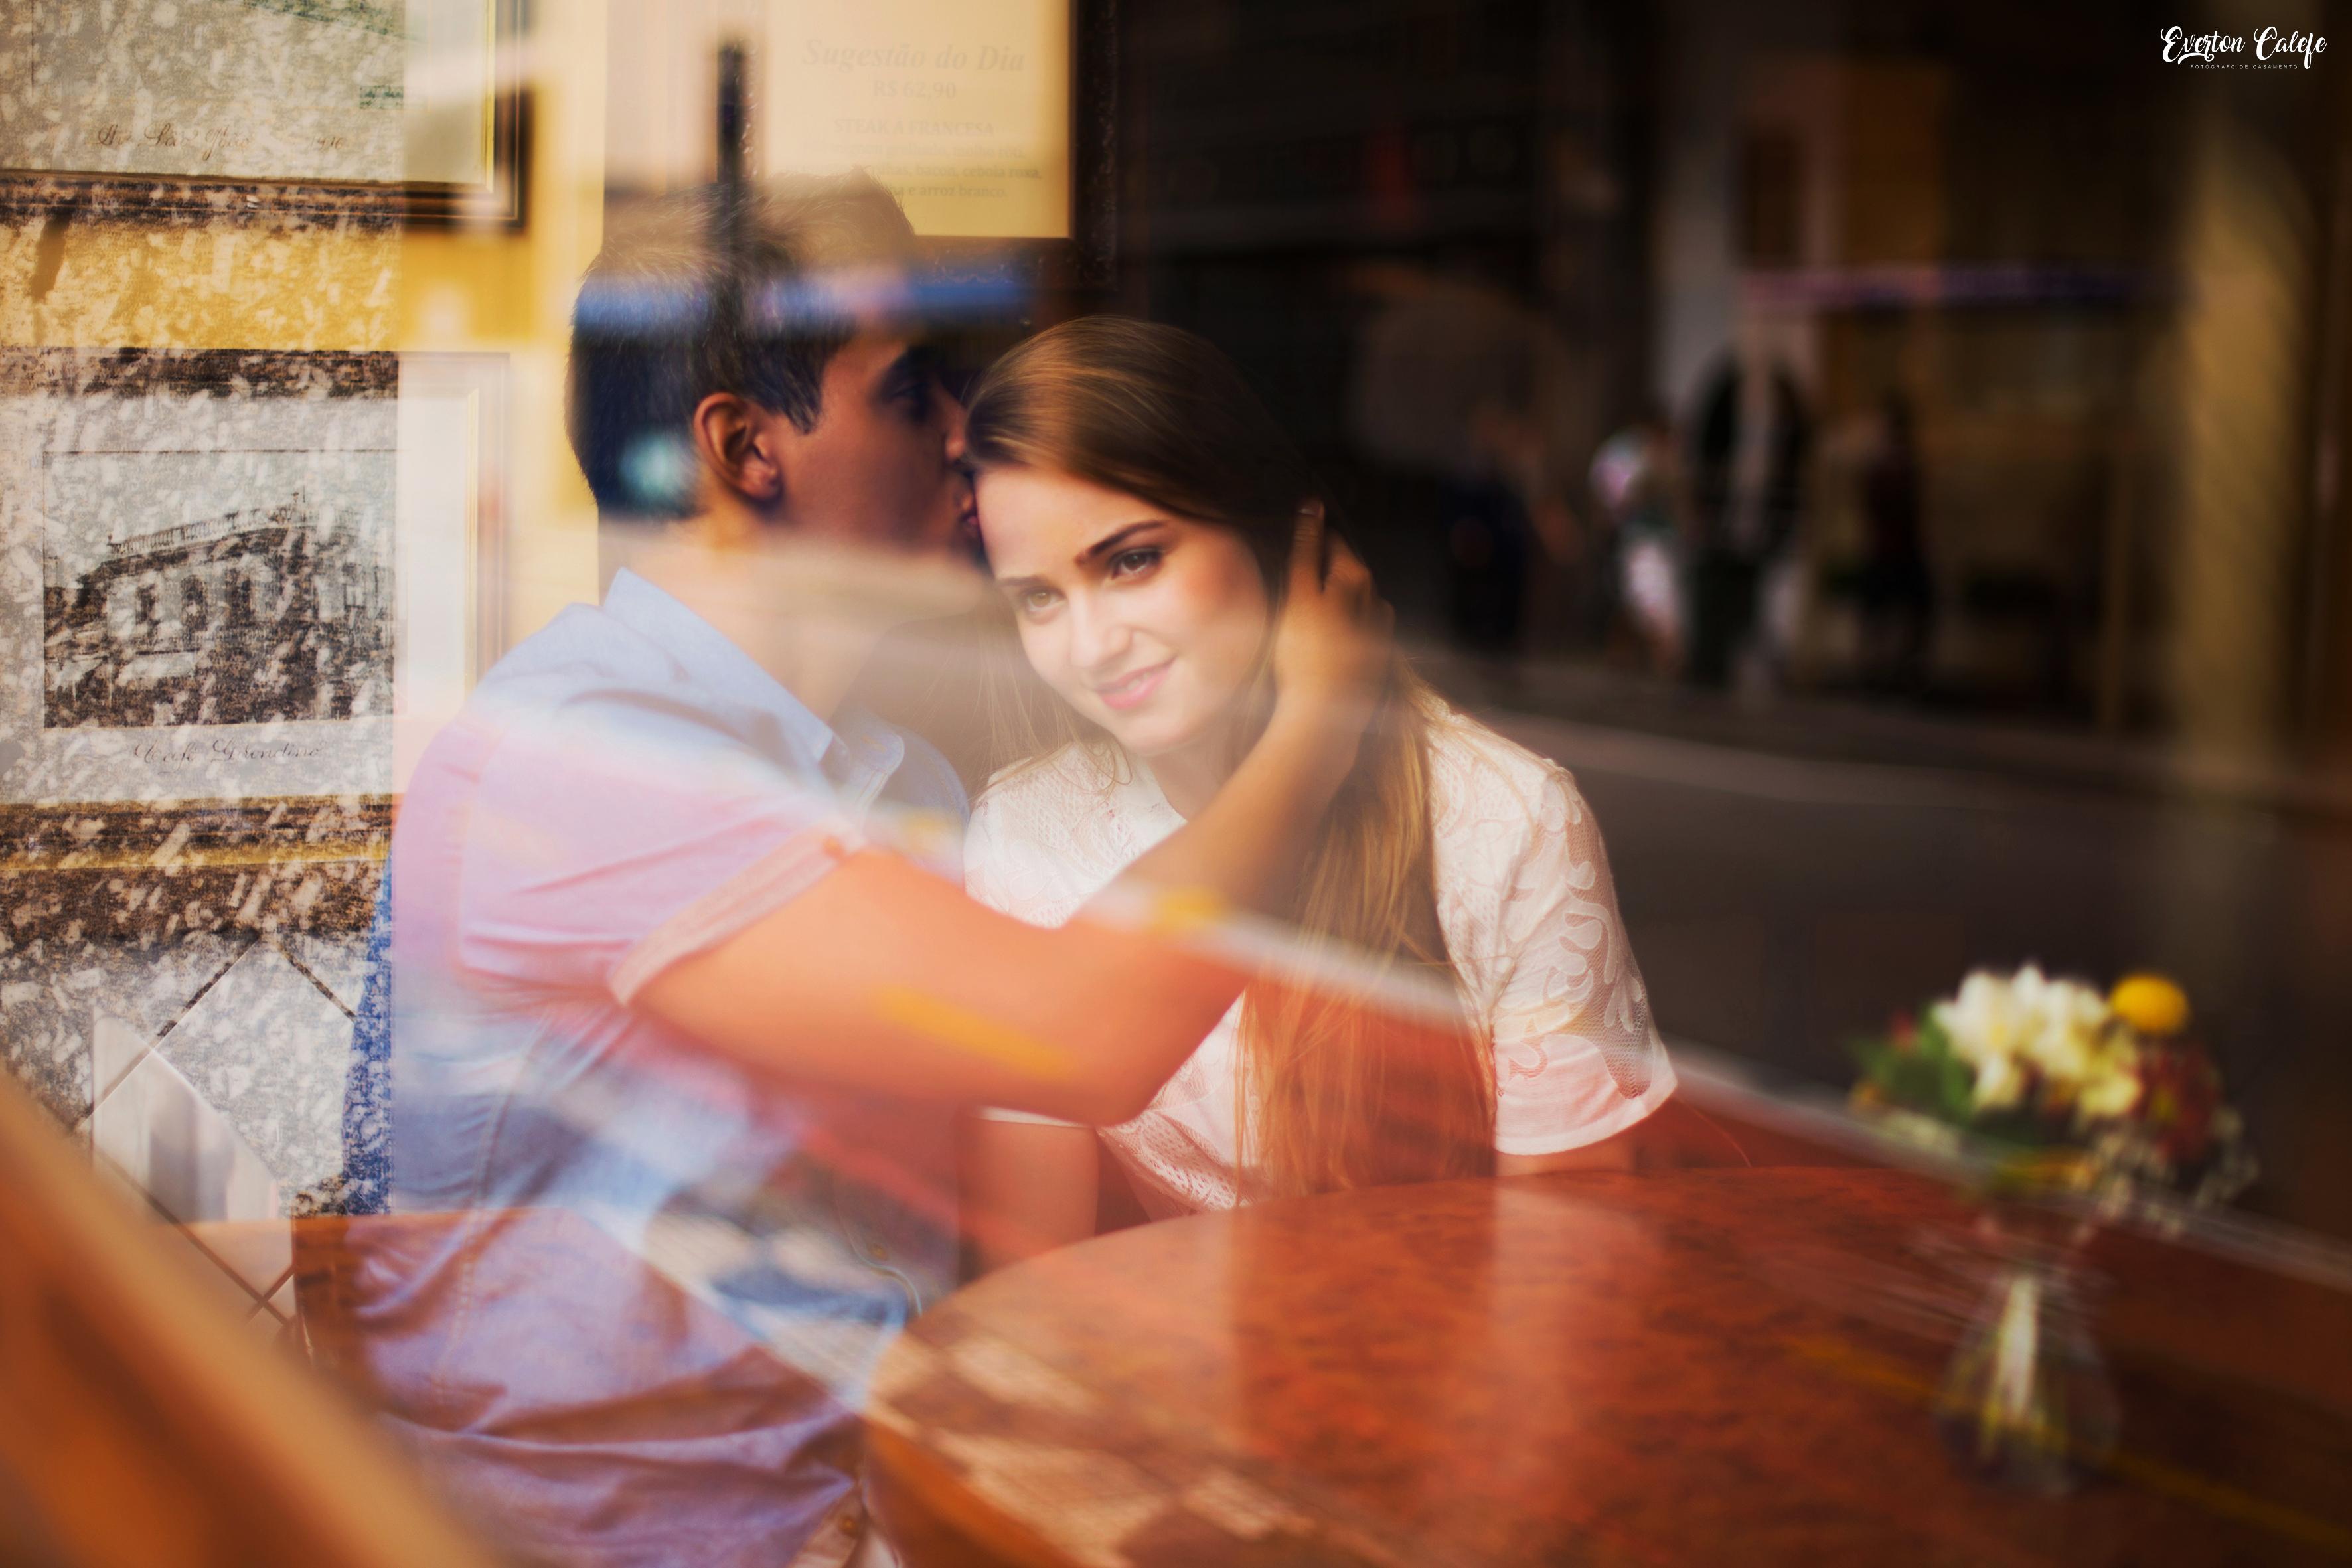 Contate Especialista e Apaixonado por Fotografia de Casamento - Everton Calefe Fotografia